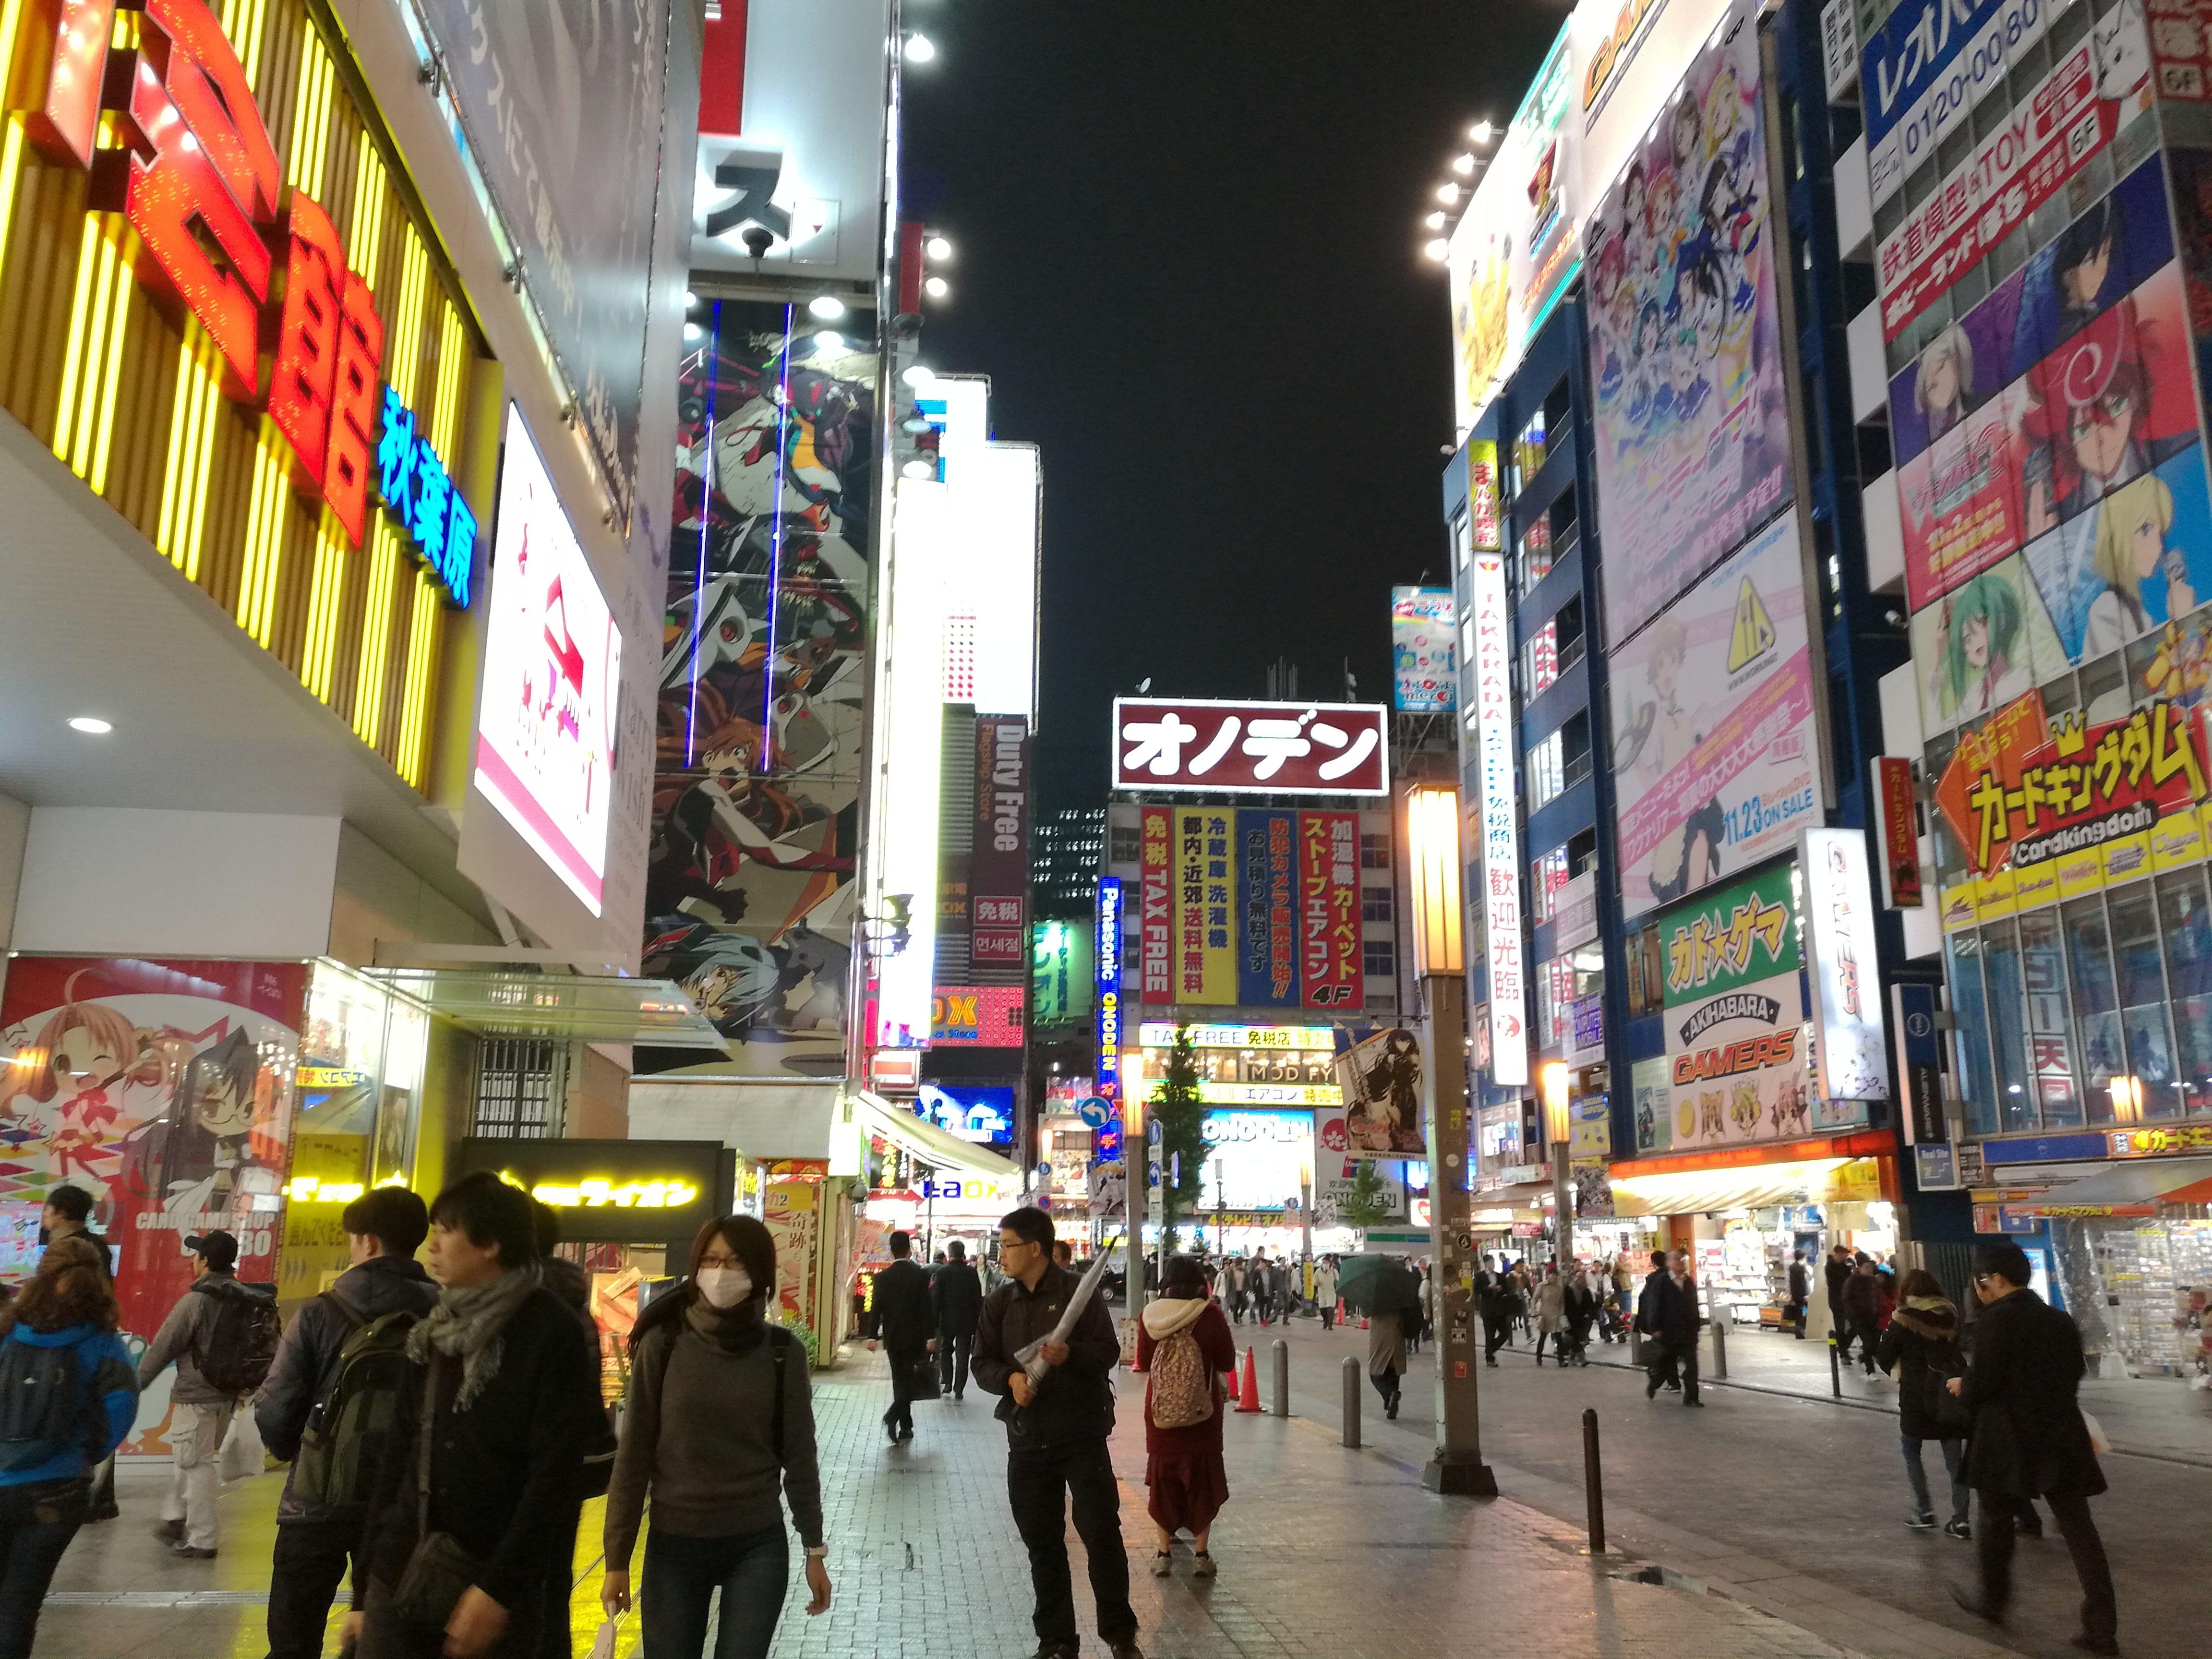 Luces en las calles de akihabara